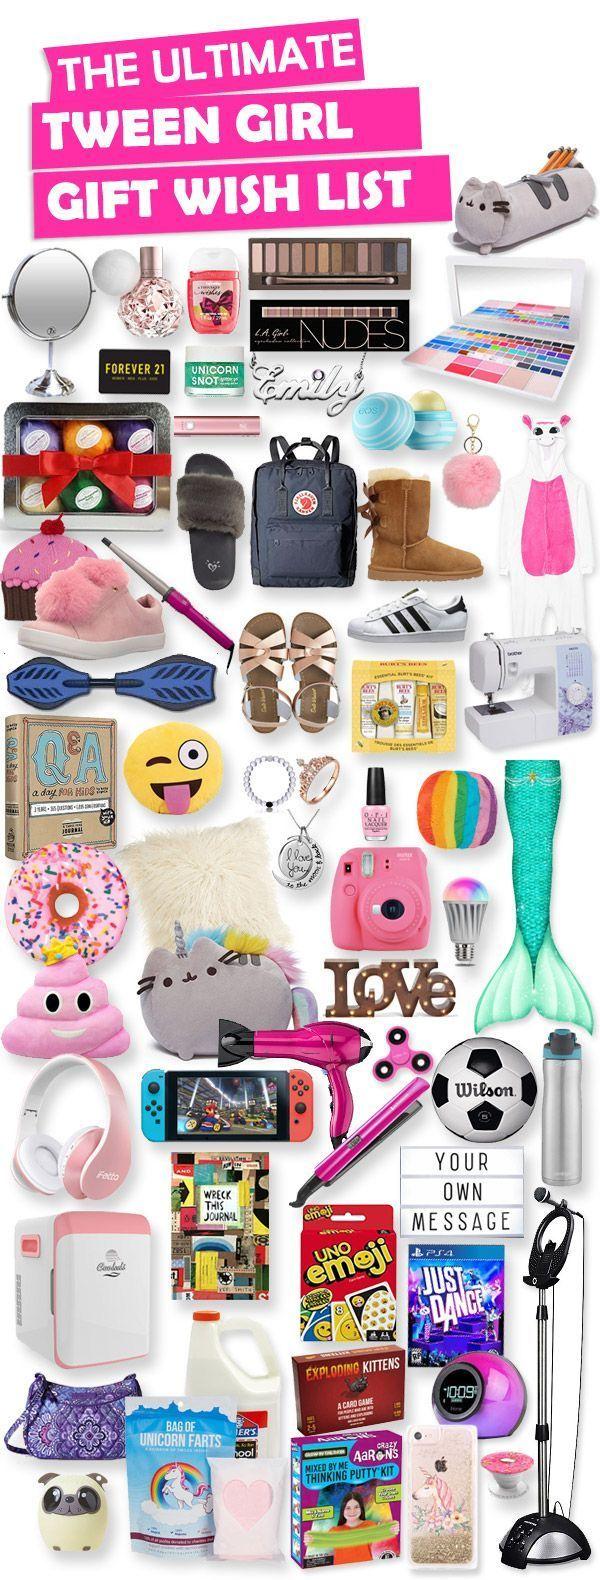 Gifts For Tween Girls 2020 Best Gift Ideas Tween Girl Gifts Birthday Presents For Teens Tween Gifts